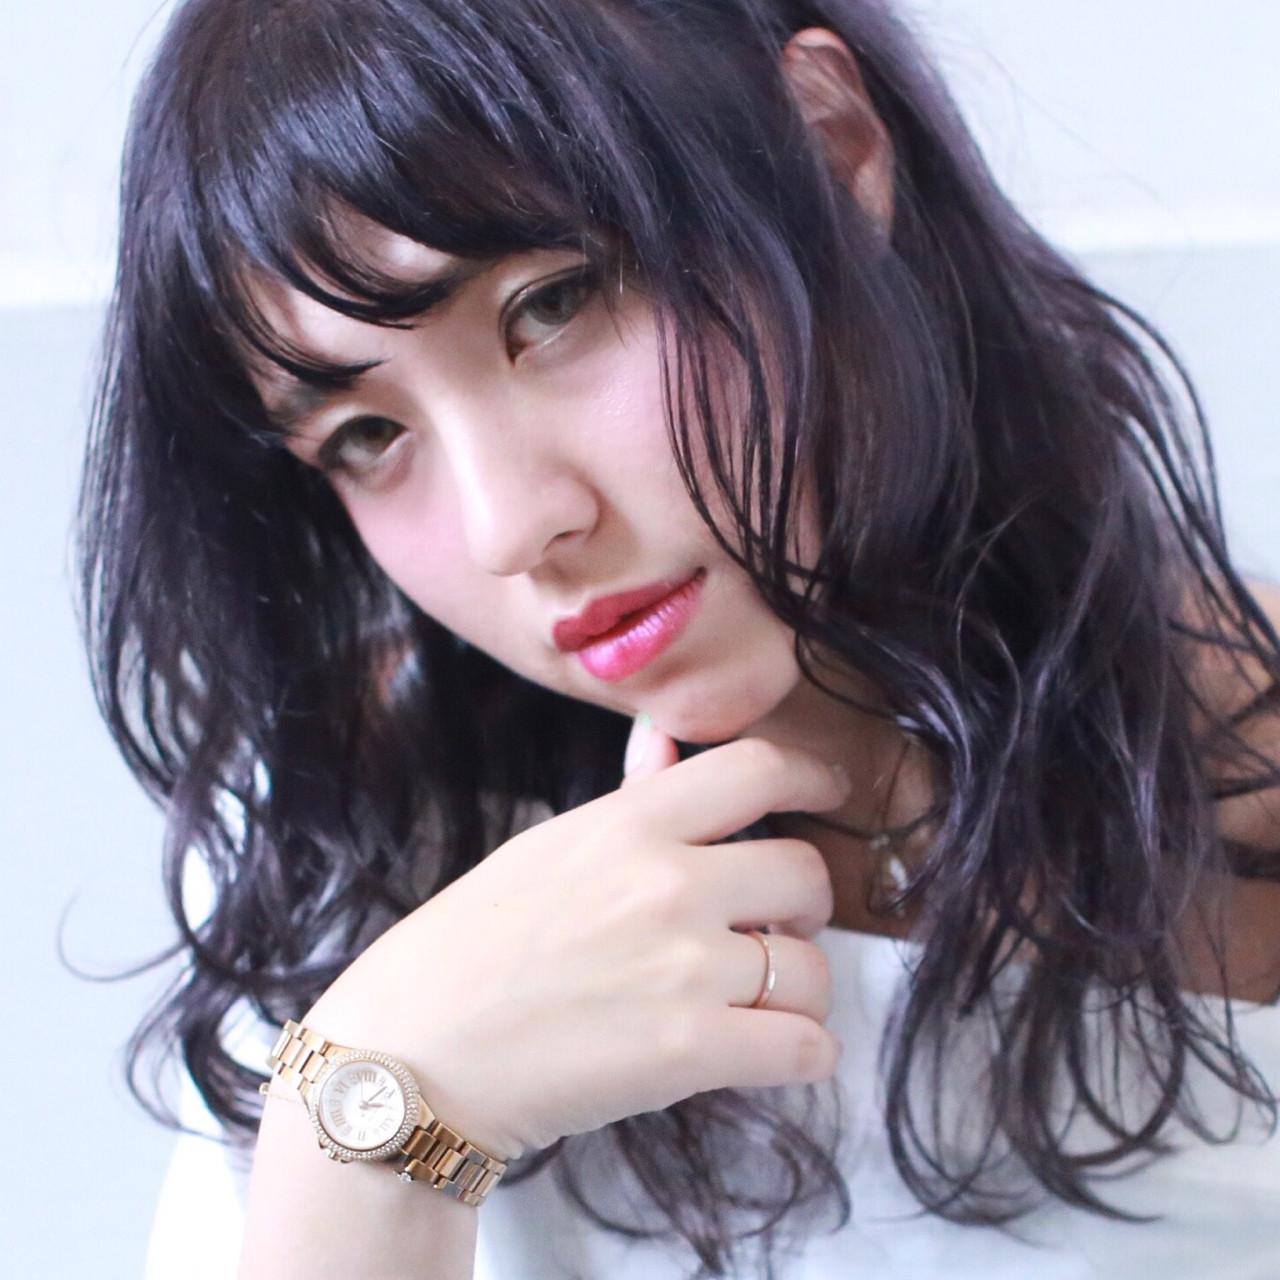 ラベンダーアッシュなあなたの髪色を旬に♪うっとり色落ちを楽しもう イマムラ スナオ / hair&make JOJI